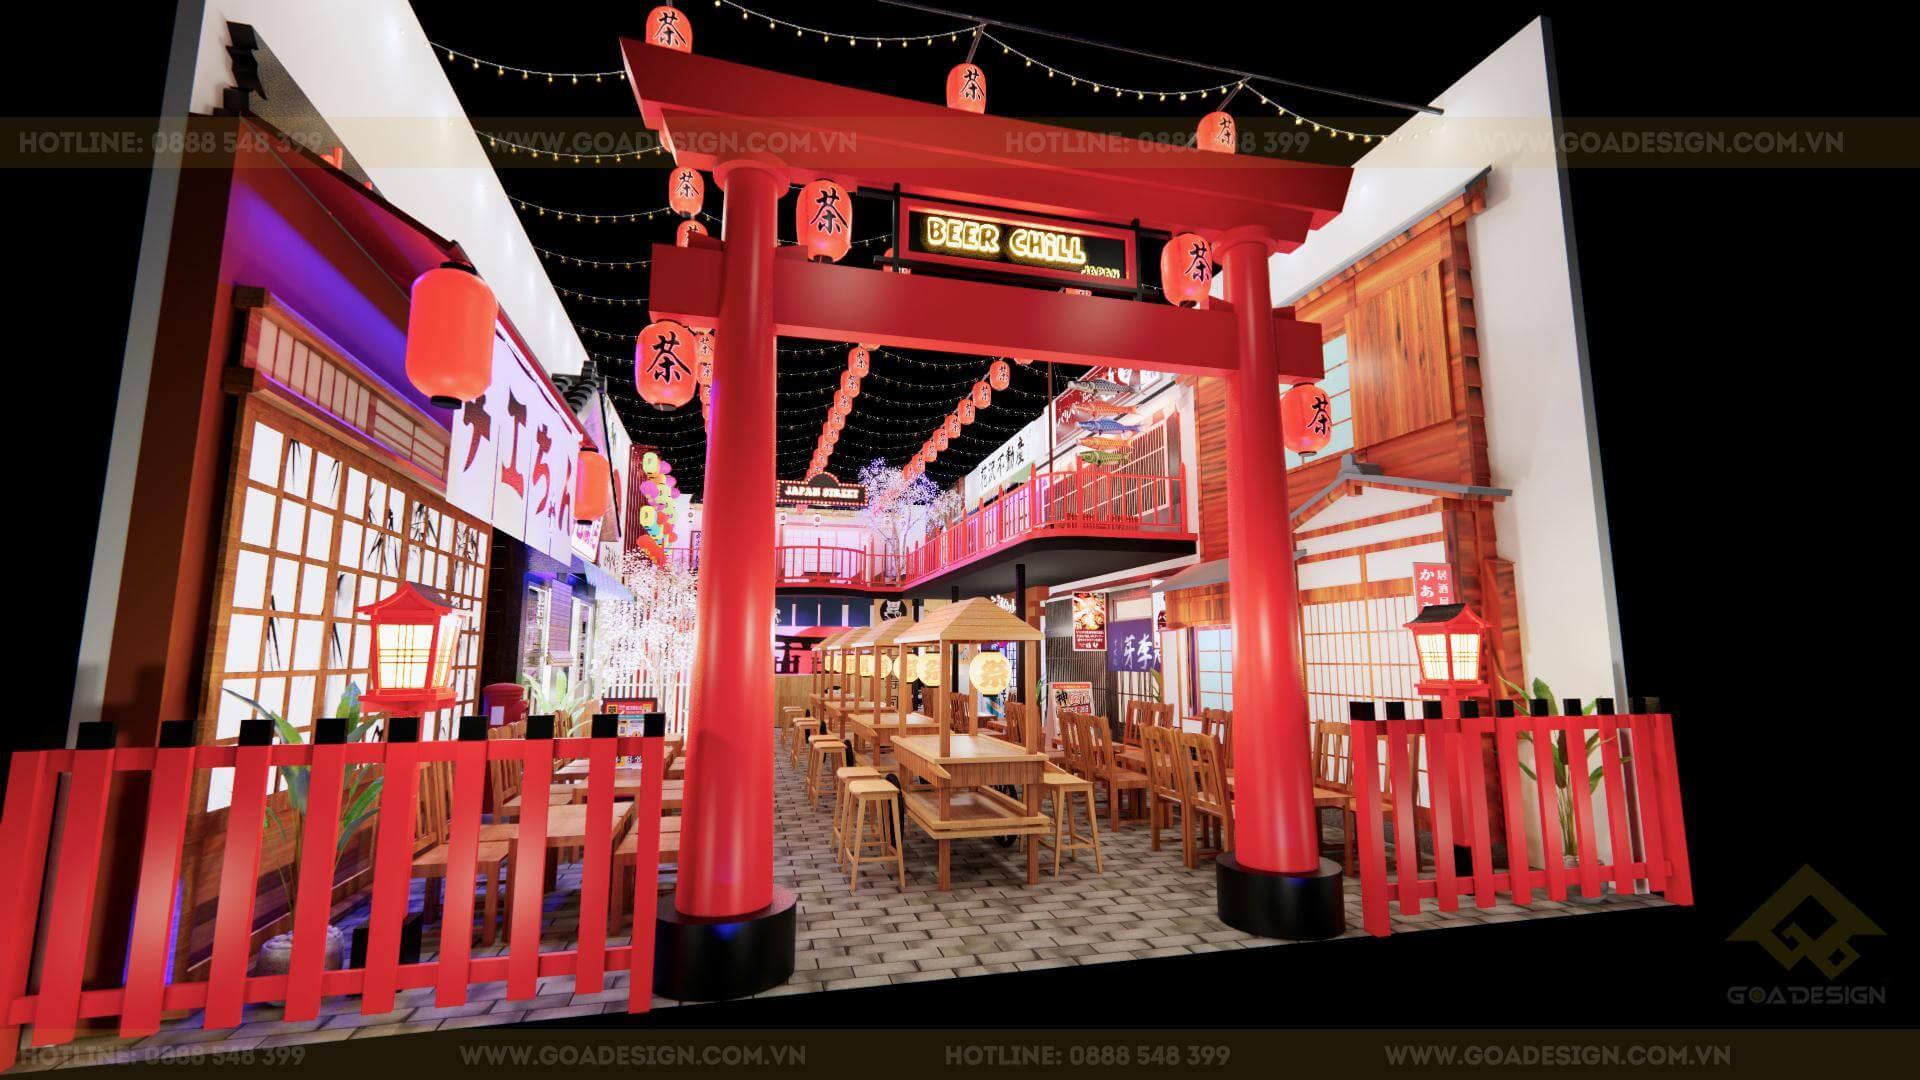 GOADESIGN Tư vấn thiết kế thi công phim trường chụp ảnh-concept Nhật Bản (2)